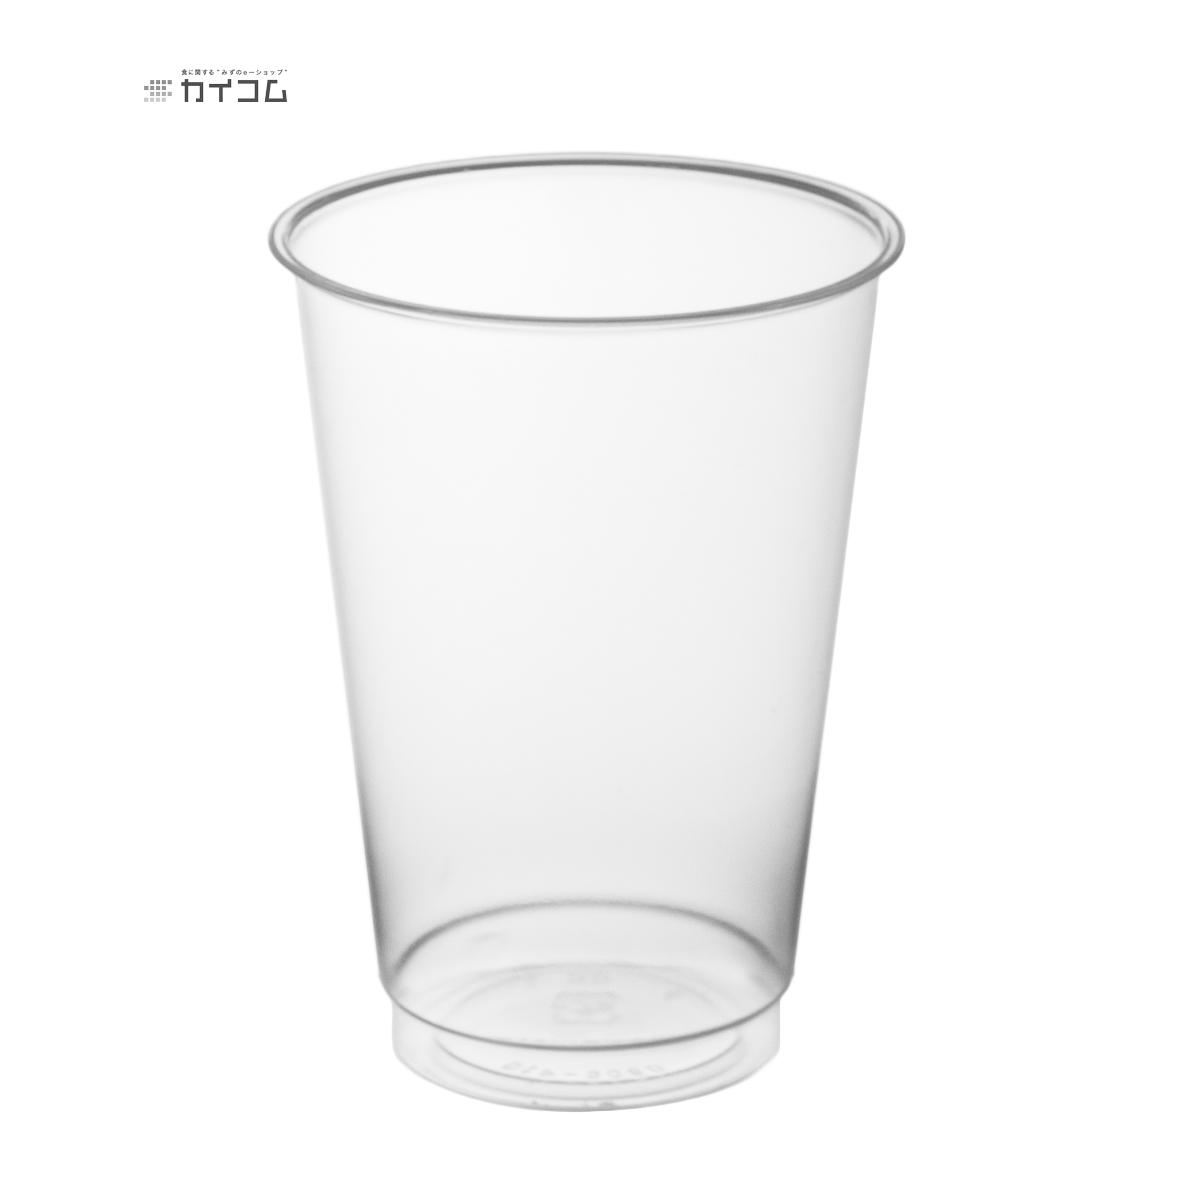 プラスチックカップ 使い捨て 業務用 コップ ニュー・プロマックス DIP-305Dサイズ : 77φ×105H(mm)(305ml)入数 : 1000個単価 : 12.58円(税抜)